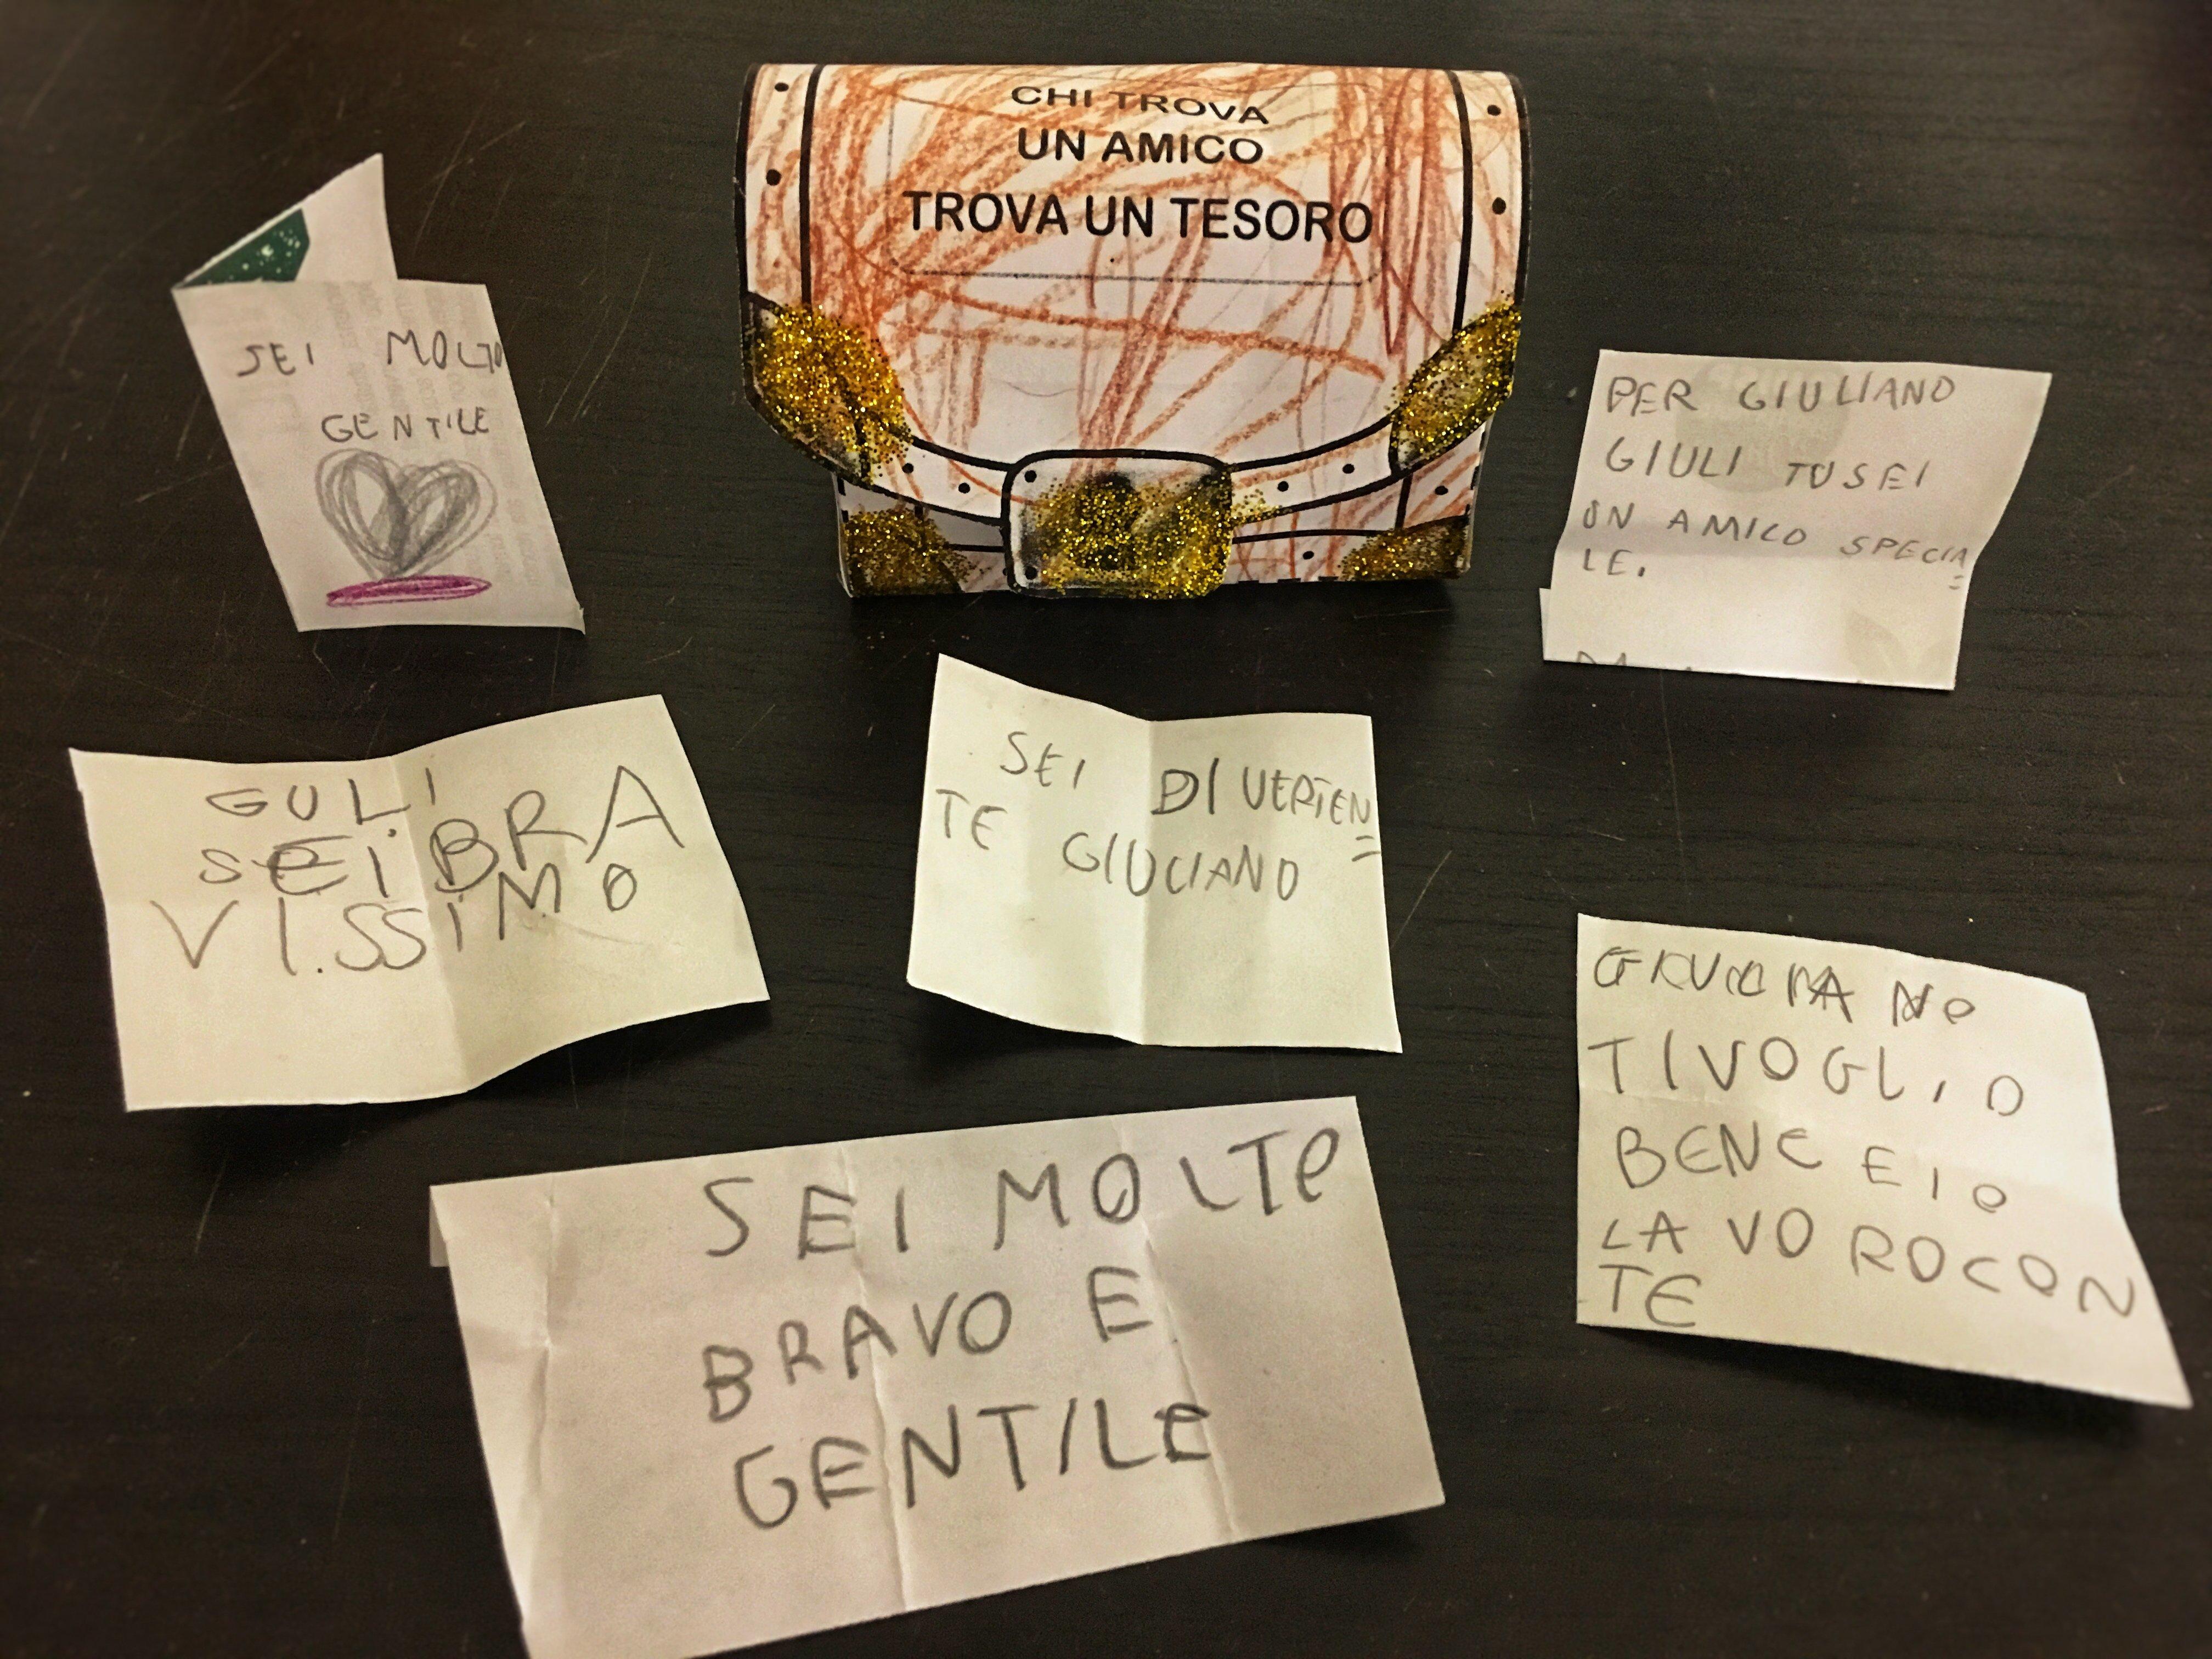 sei bigliettini di amicizia per Giuliano in uno scrigno di carta colorato da lui stesso